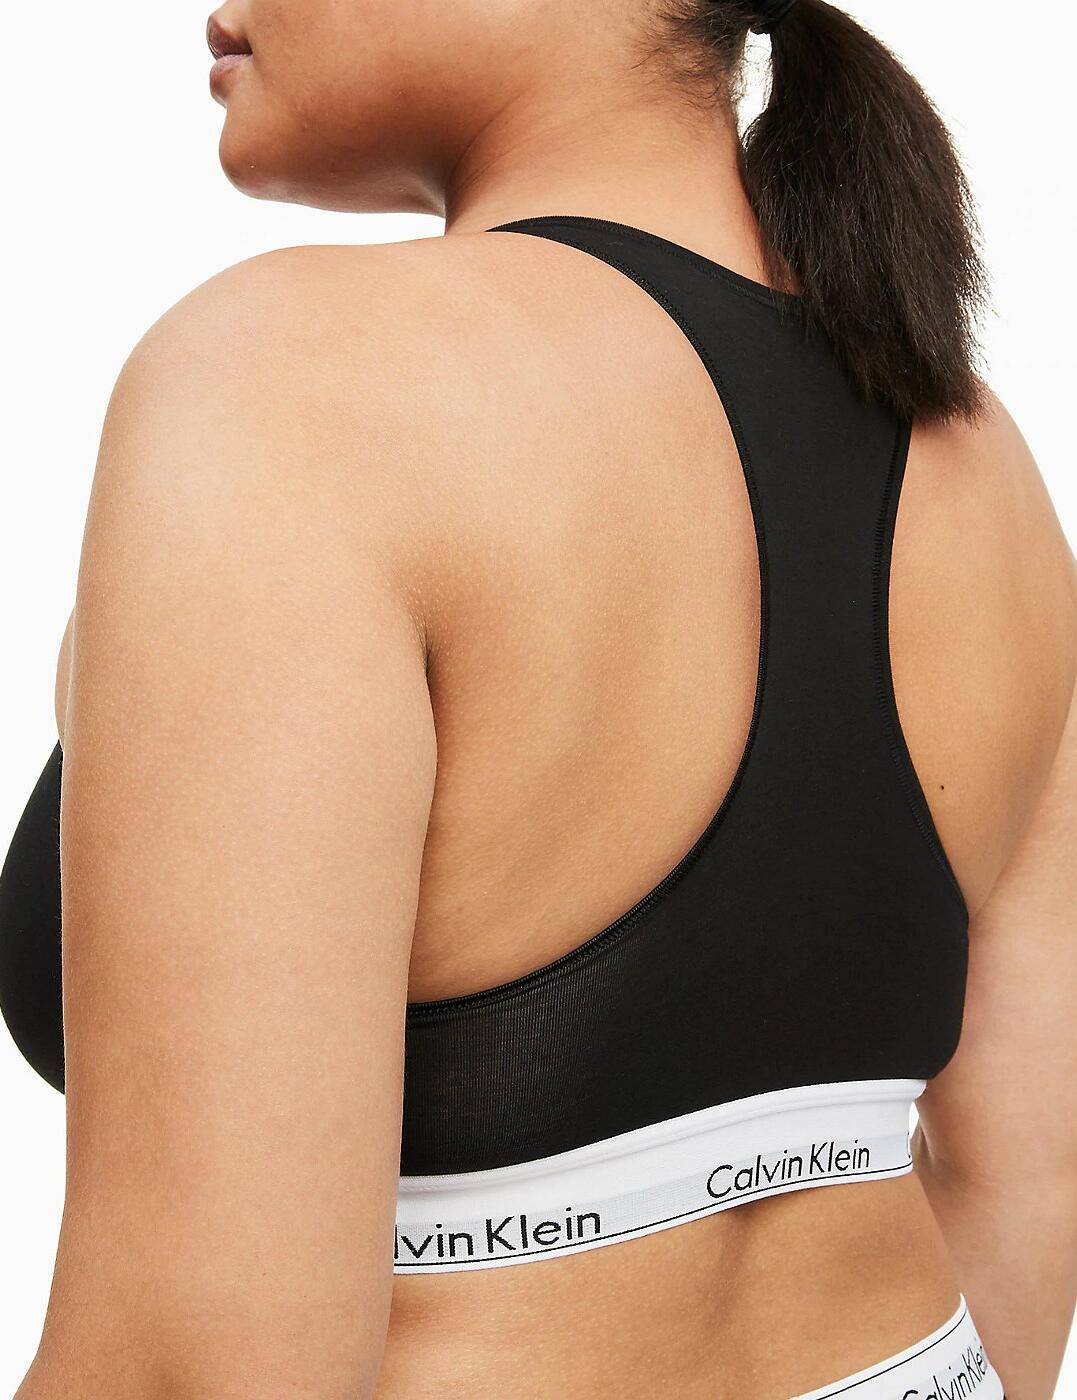 thumbnail 10 - Calvin Klein Modern Cotton Plus Bralette Bra Bra Top QF5116E New Womens Bras